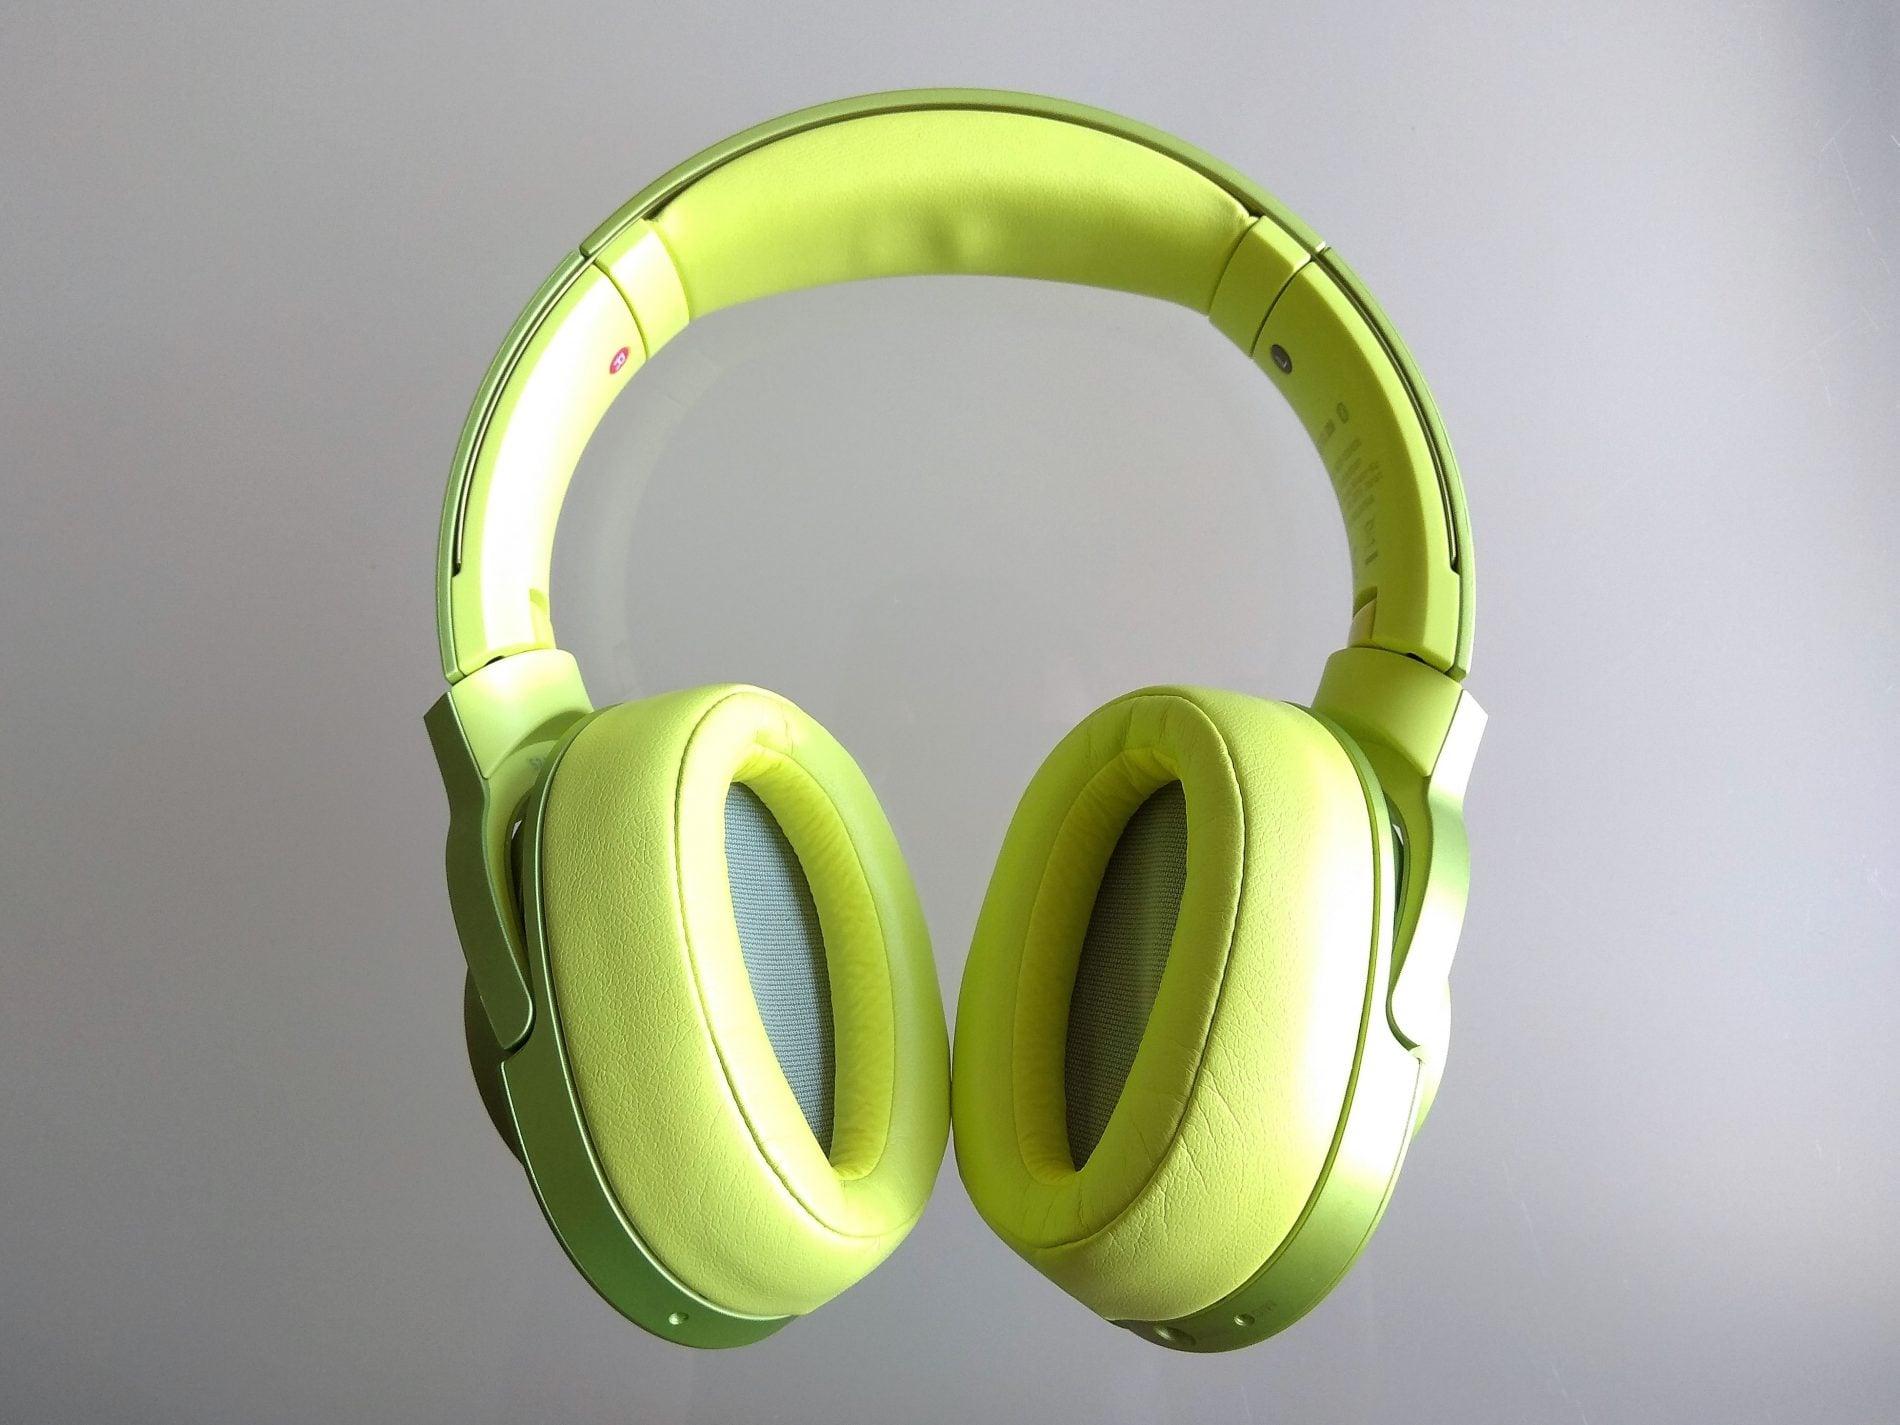 Recenzja słuchawek bezprzewodowych Sony MDR-100ABN. Dobre decyzje brzmią właśnie w ten sposób 17